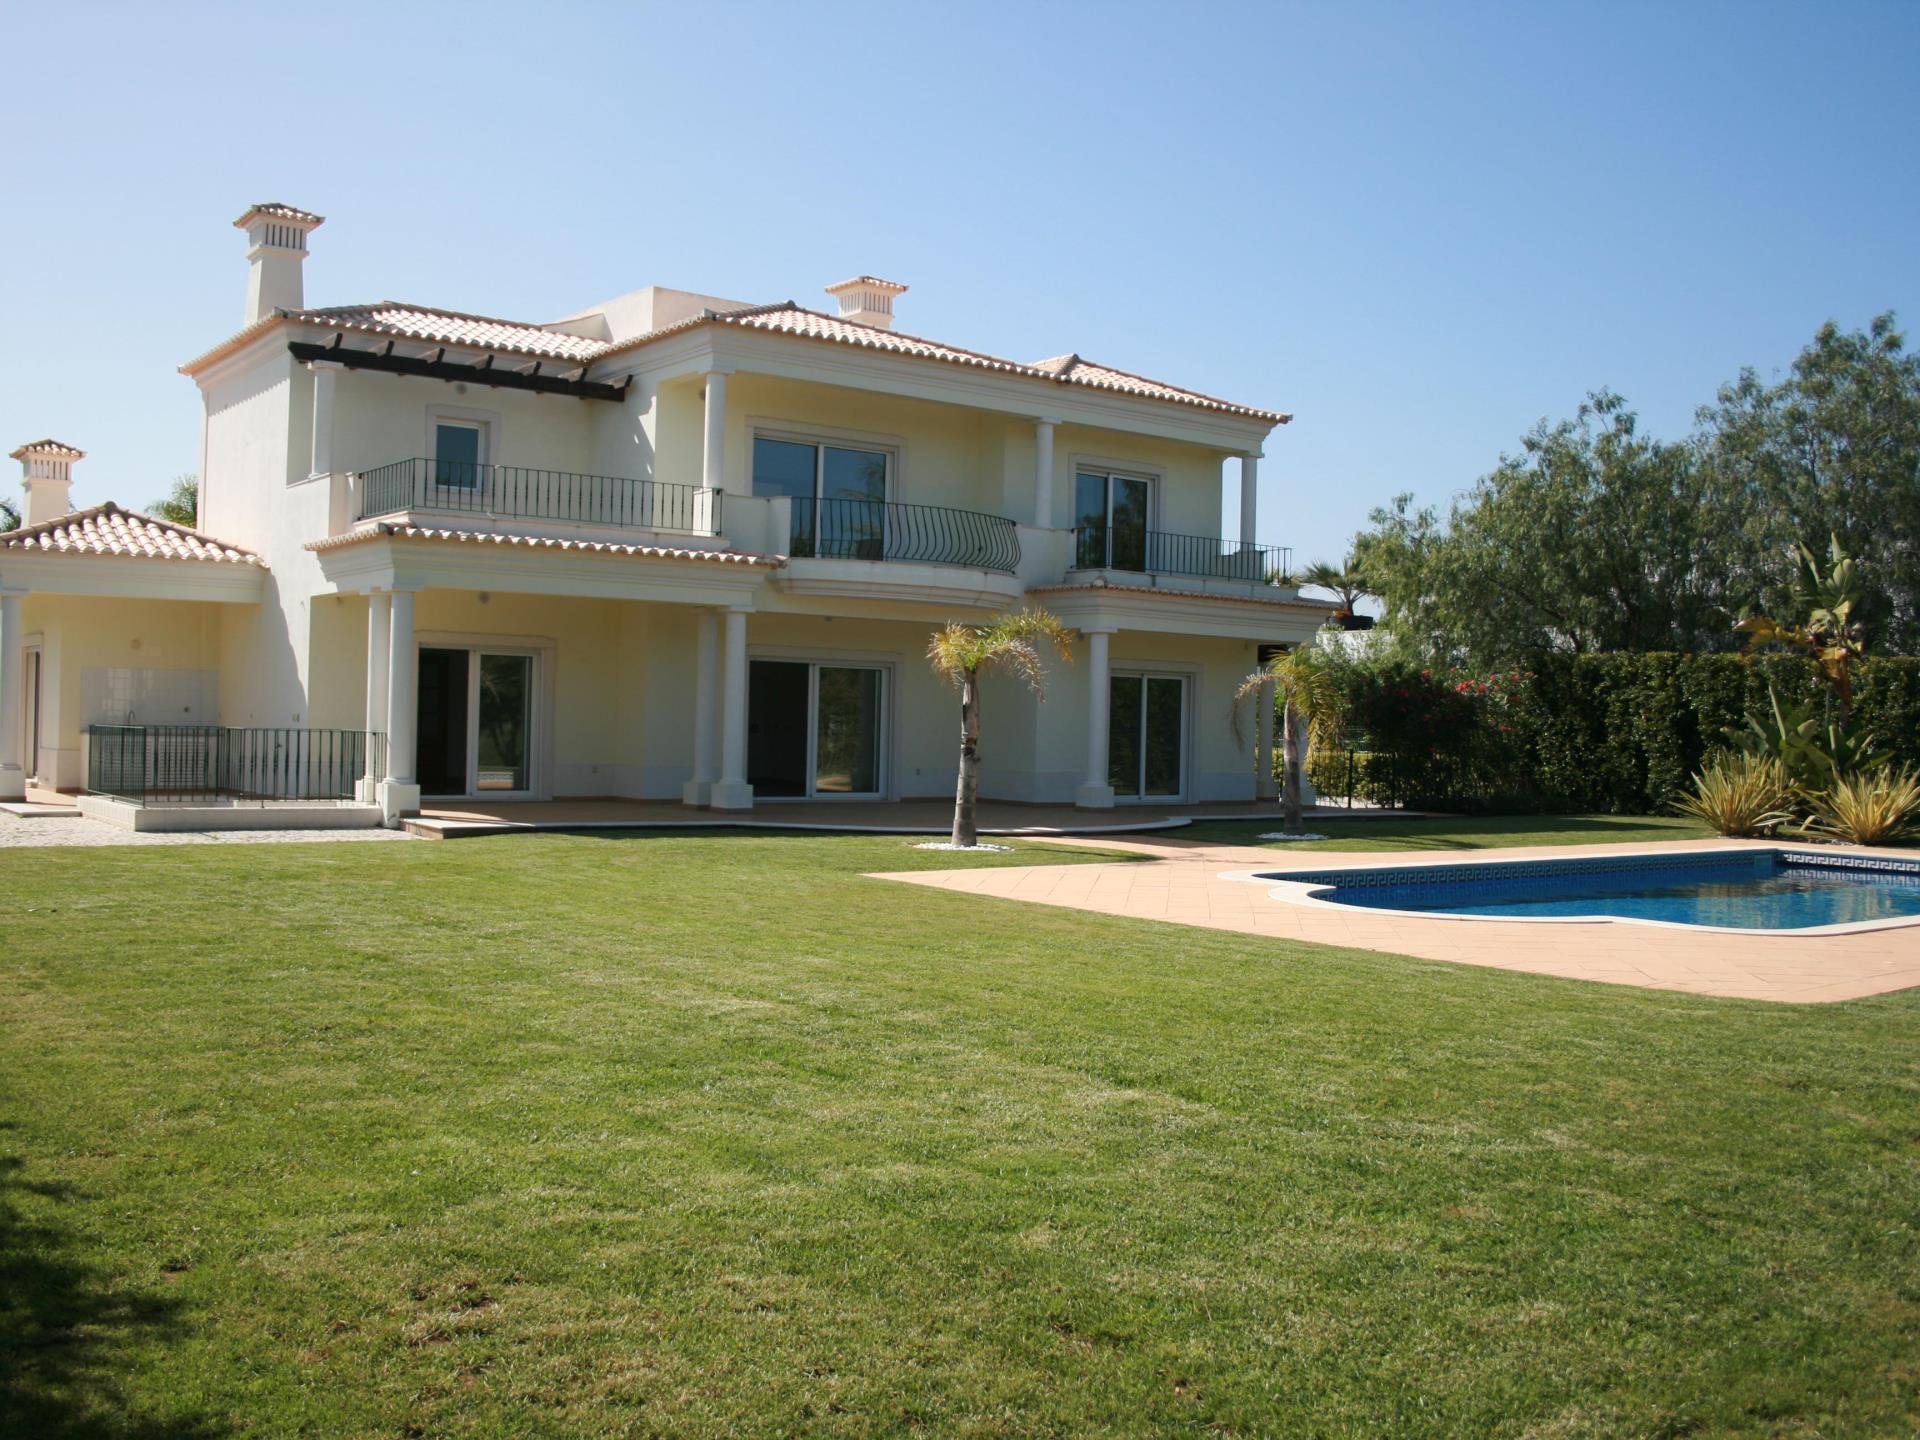 Casa para uma família para Venda às House, 5 bedrooms, for Sale Loule, Algarve Portugal